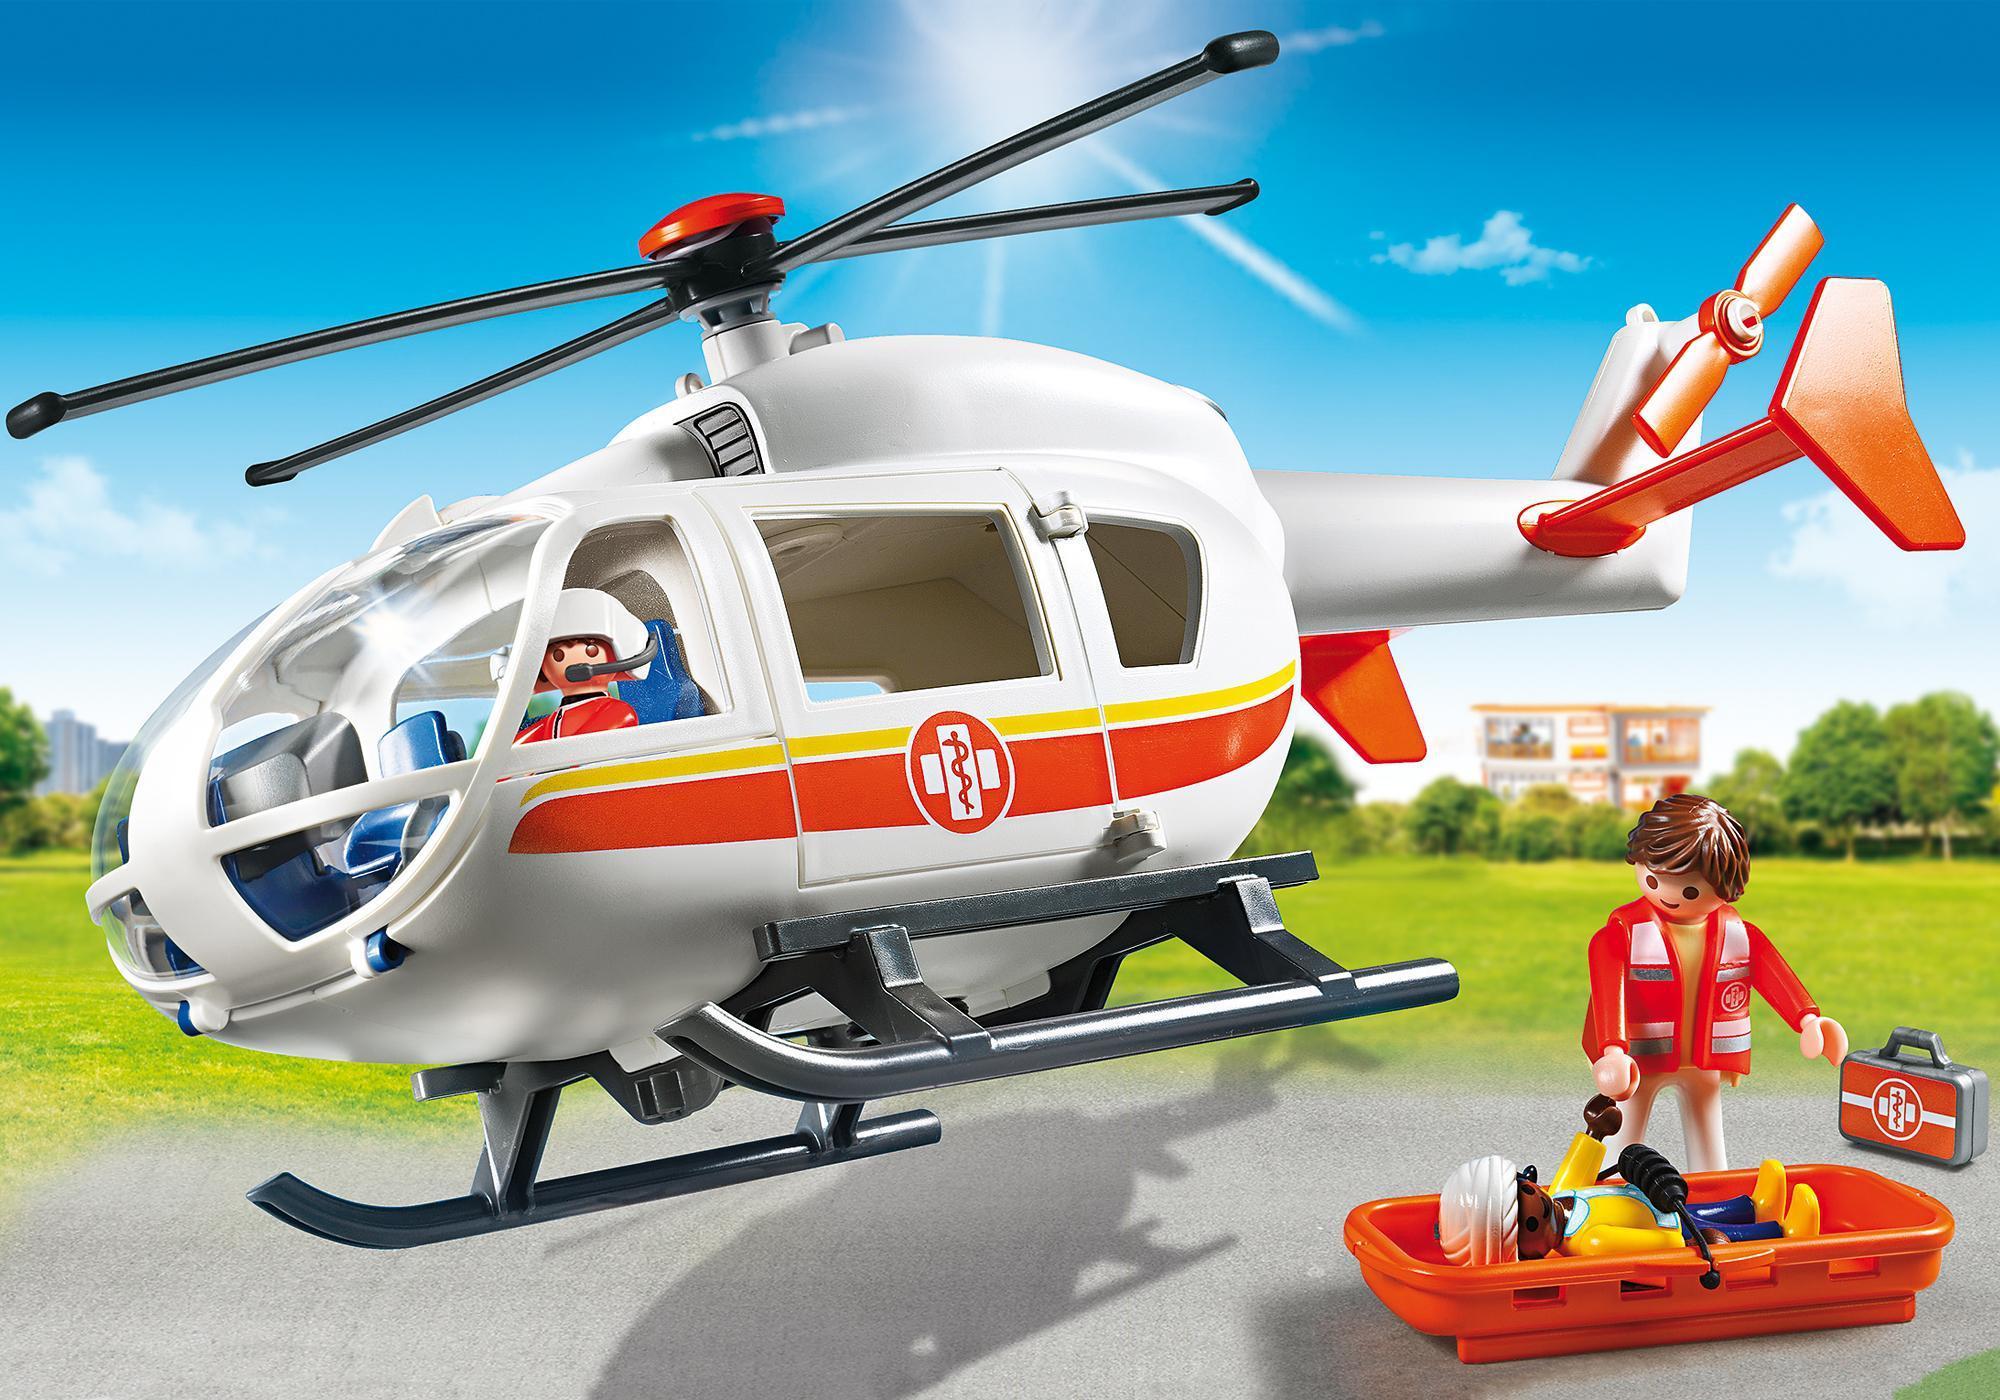 http://media.playmobil.com/i/playmobil/6686_product_detail/Helicóptero de Emergência Médica